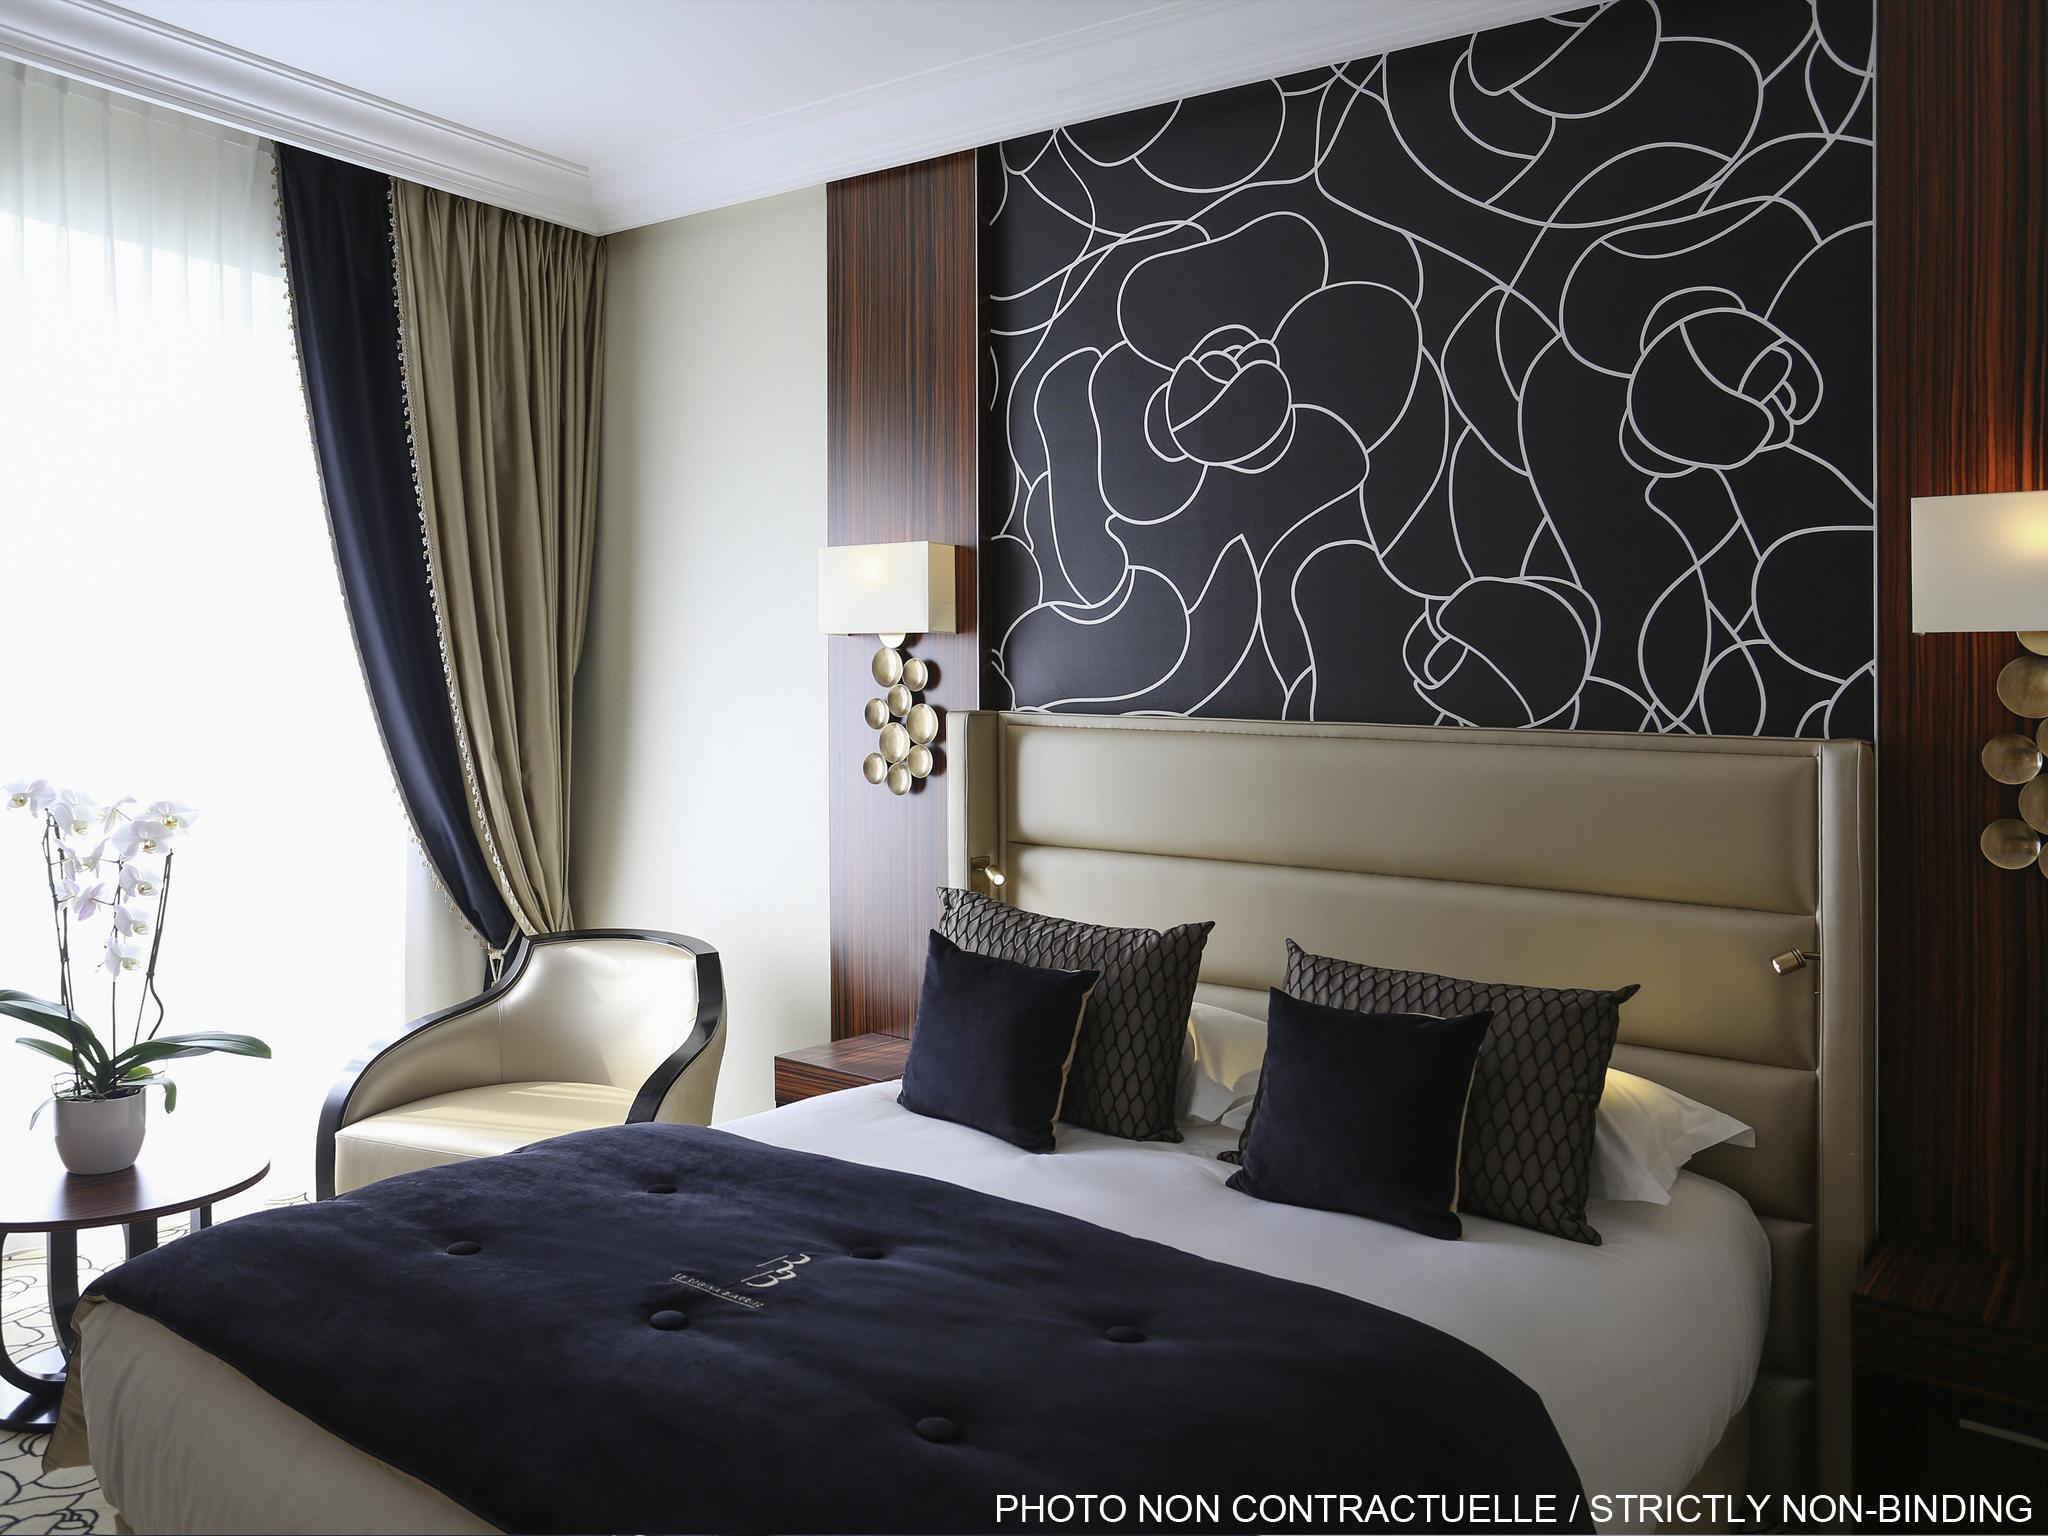 hotel in sarajevo - tarcin forest resort and spa sarajevo mgallery